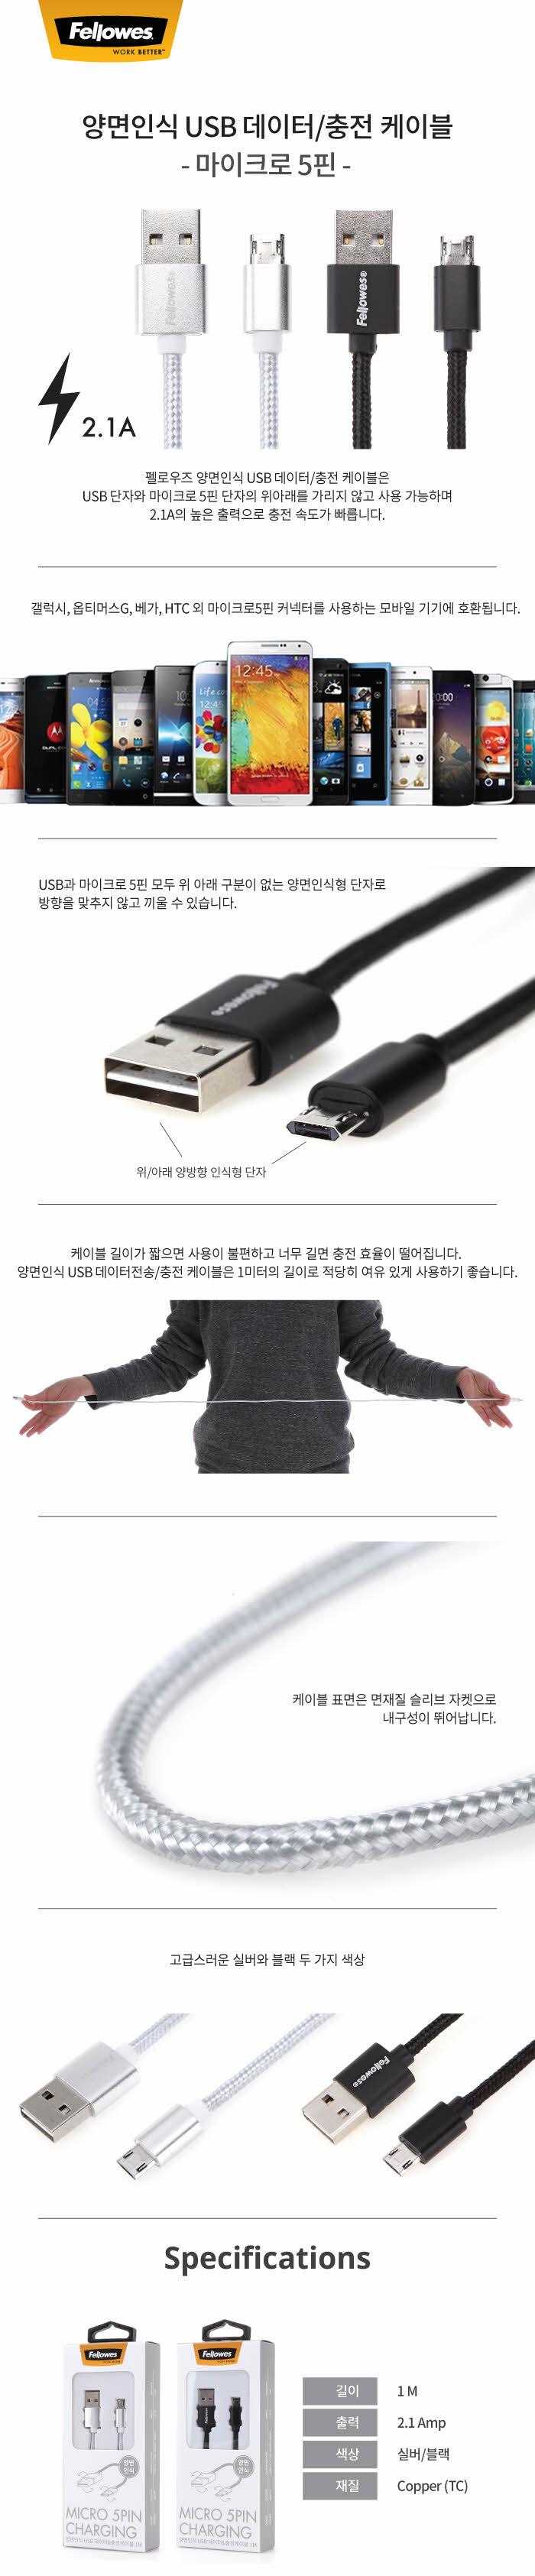 펠로우즈 양면인식 USB 데이터 충전케이블 실버 99282 - 펠로우즈, 10,700원, 충전기, 멀티충전기